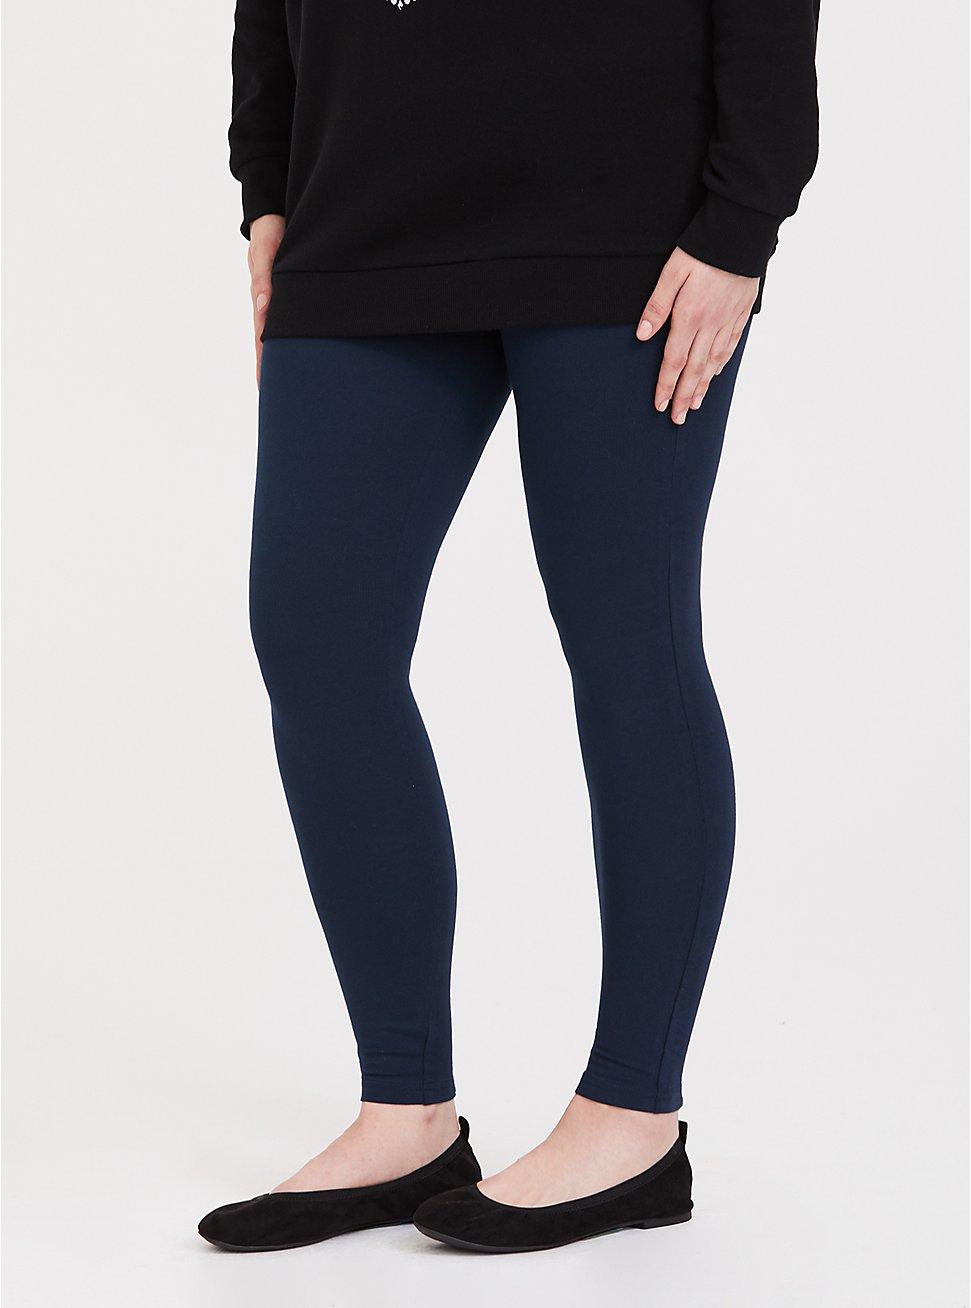 Premium Legging - Blue, VIVID BLUE, hi-res